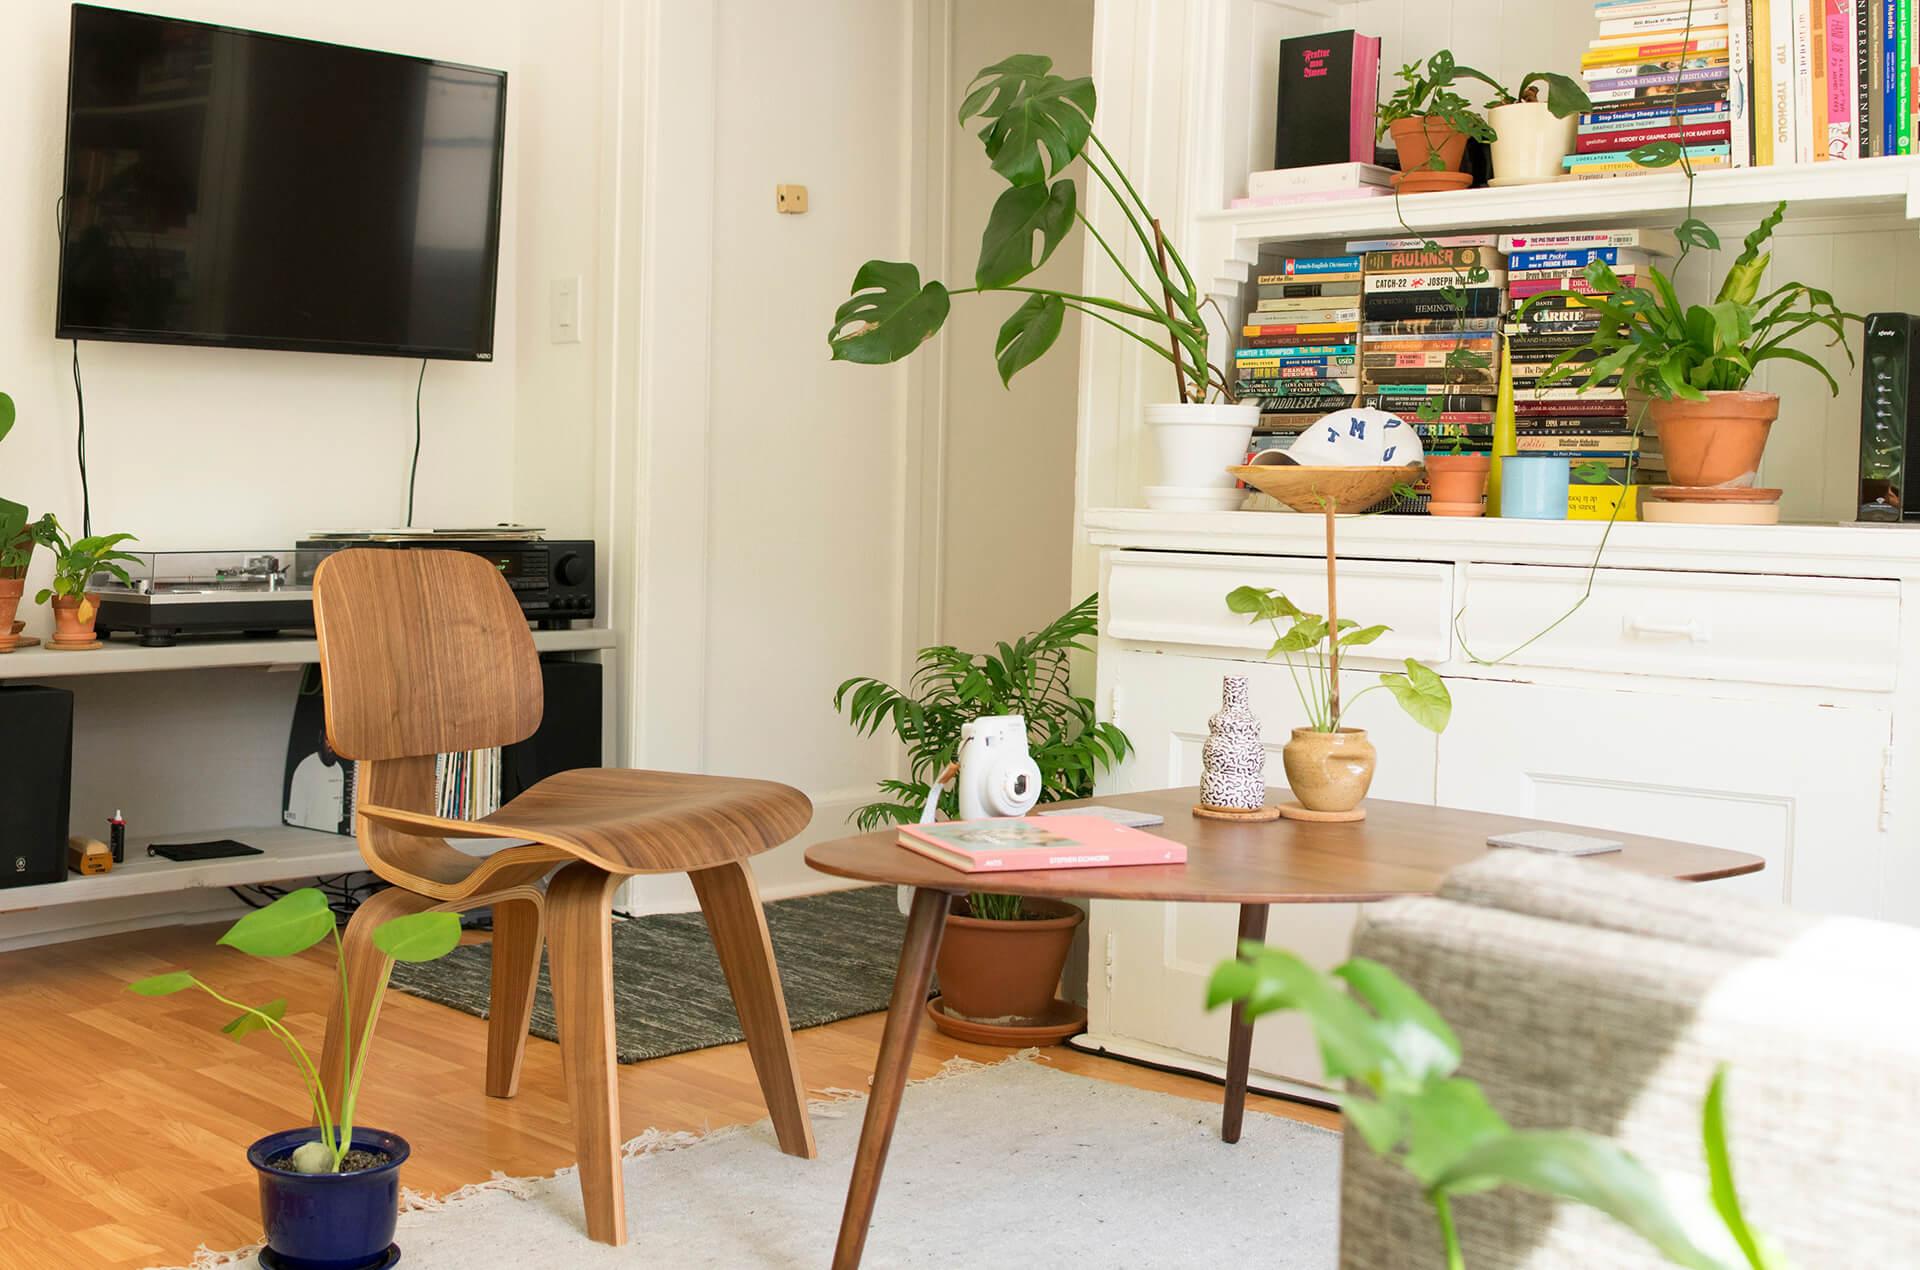 Pregatirea interiorului pentru fotografii - plante naturale